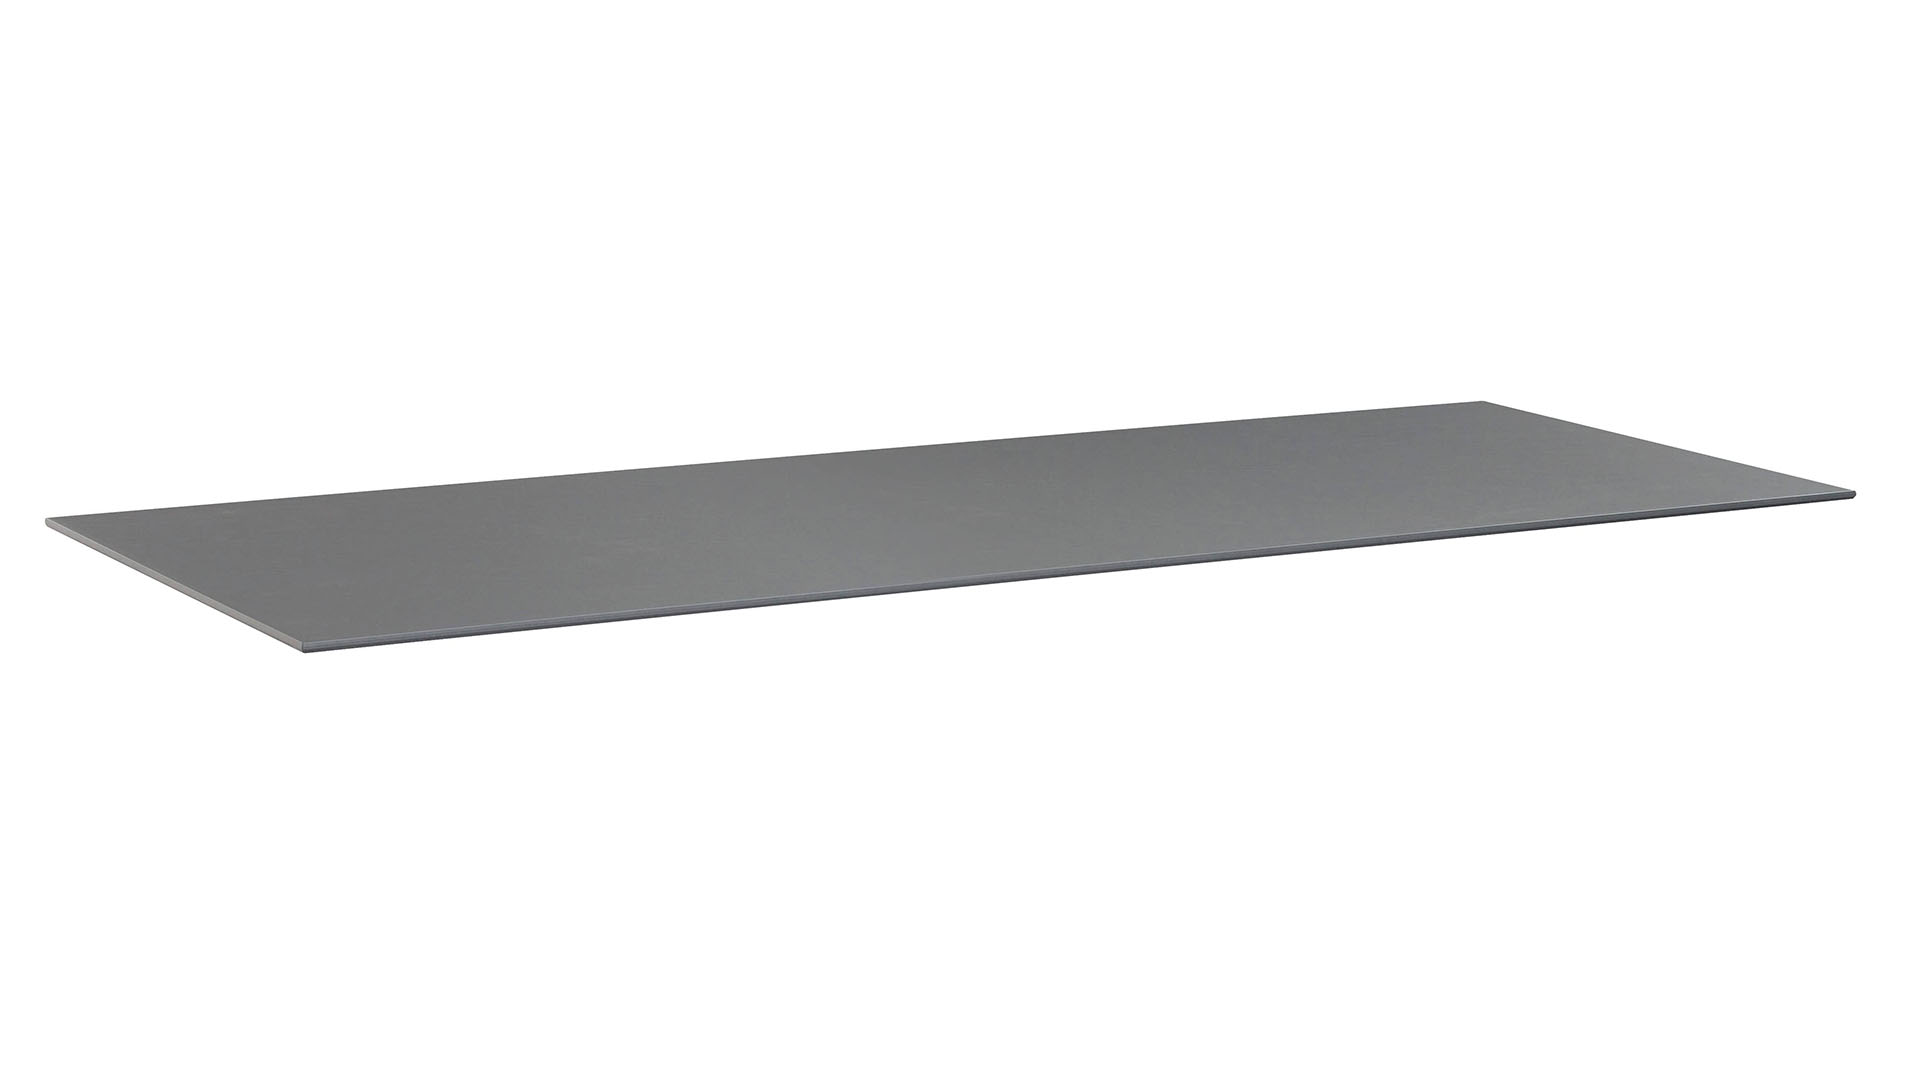 KETTALUX-PLUS Tischplatte 220 x 95 cm